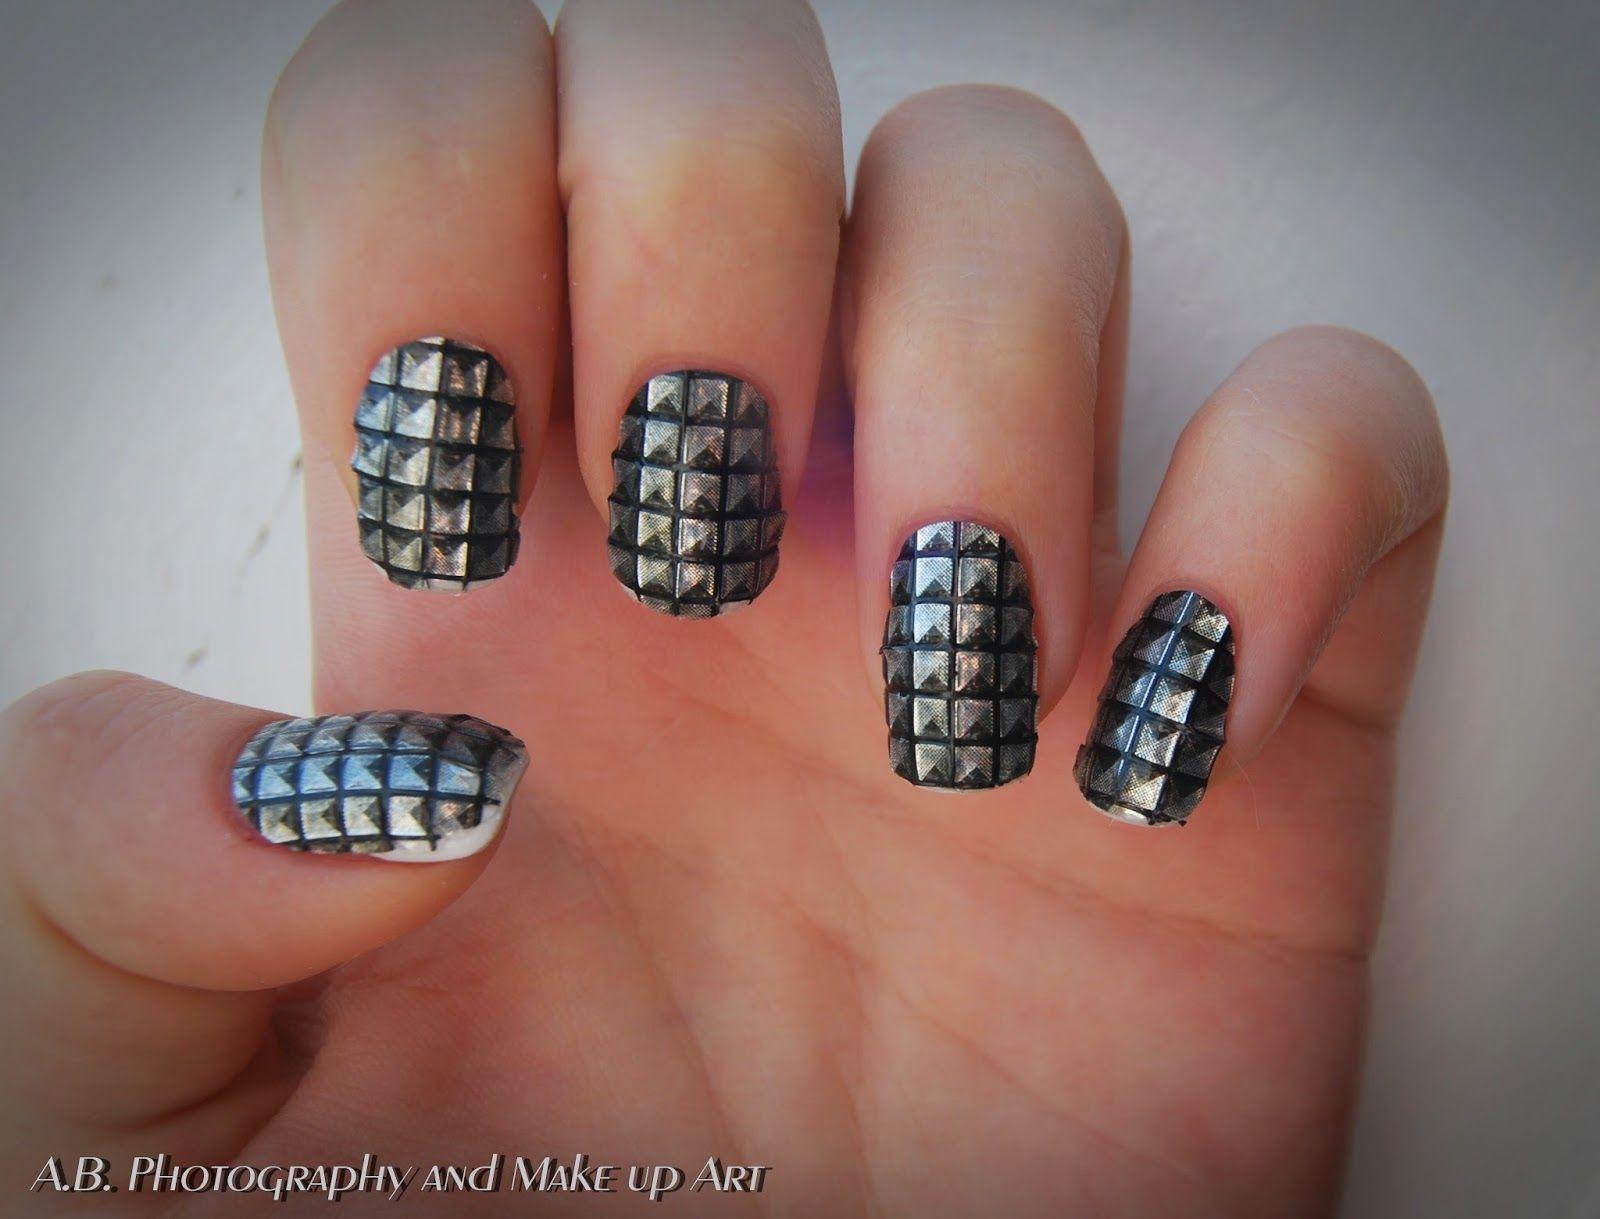 Sephora - 3D Graphic Nails Nagelfolie   A.B. Make up Art   Pinterest